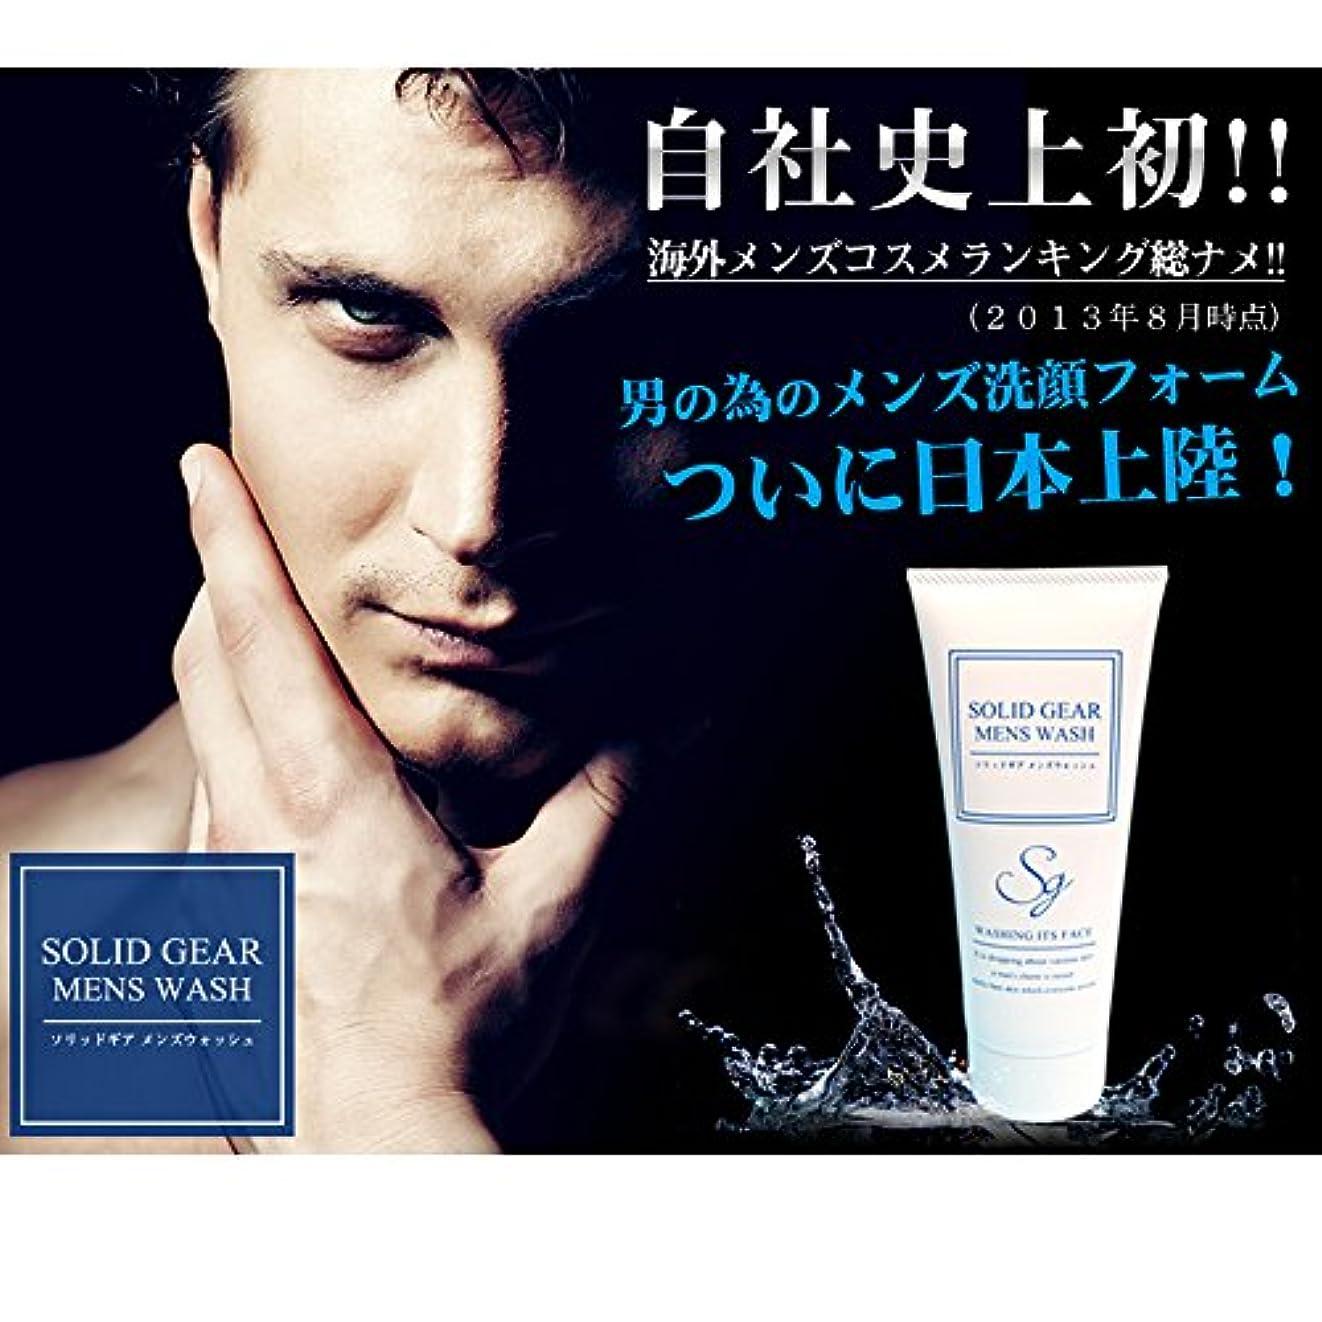 同志繊維用心深い男性用洗顔フォーム ソリッドギア メンズウォッシュ